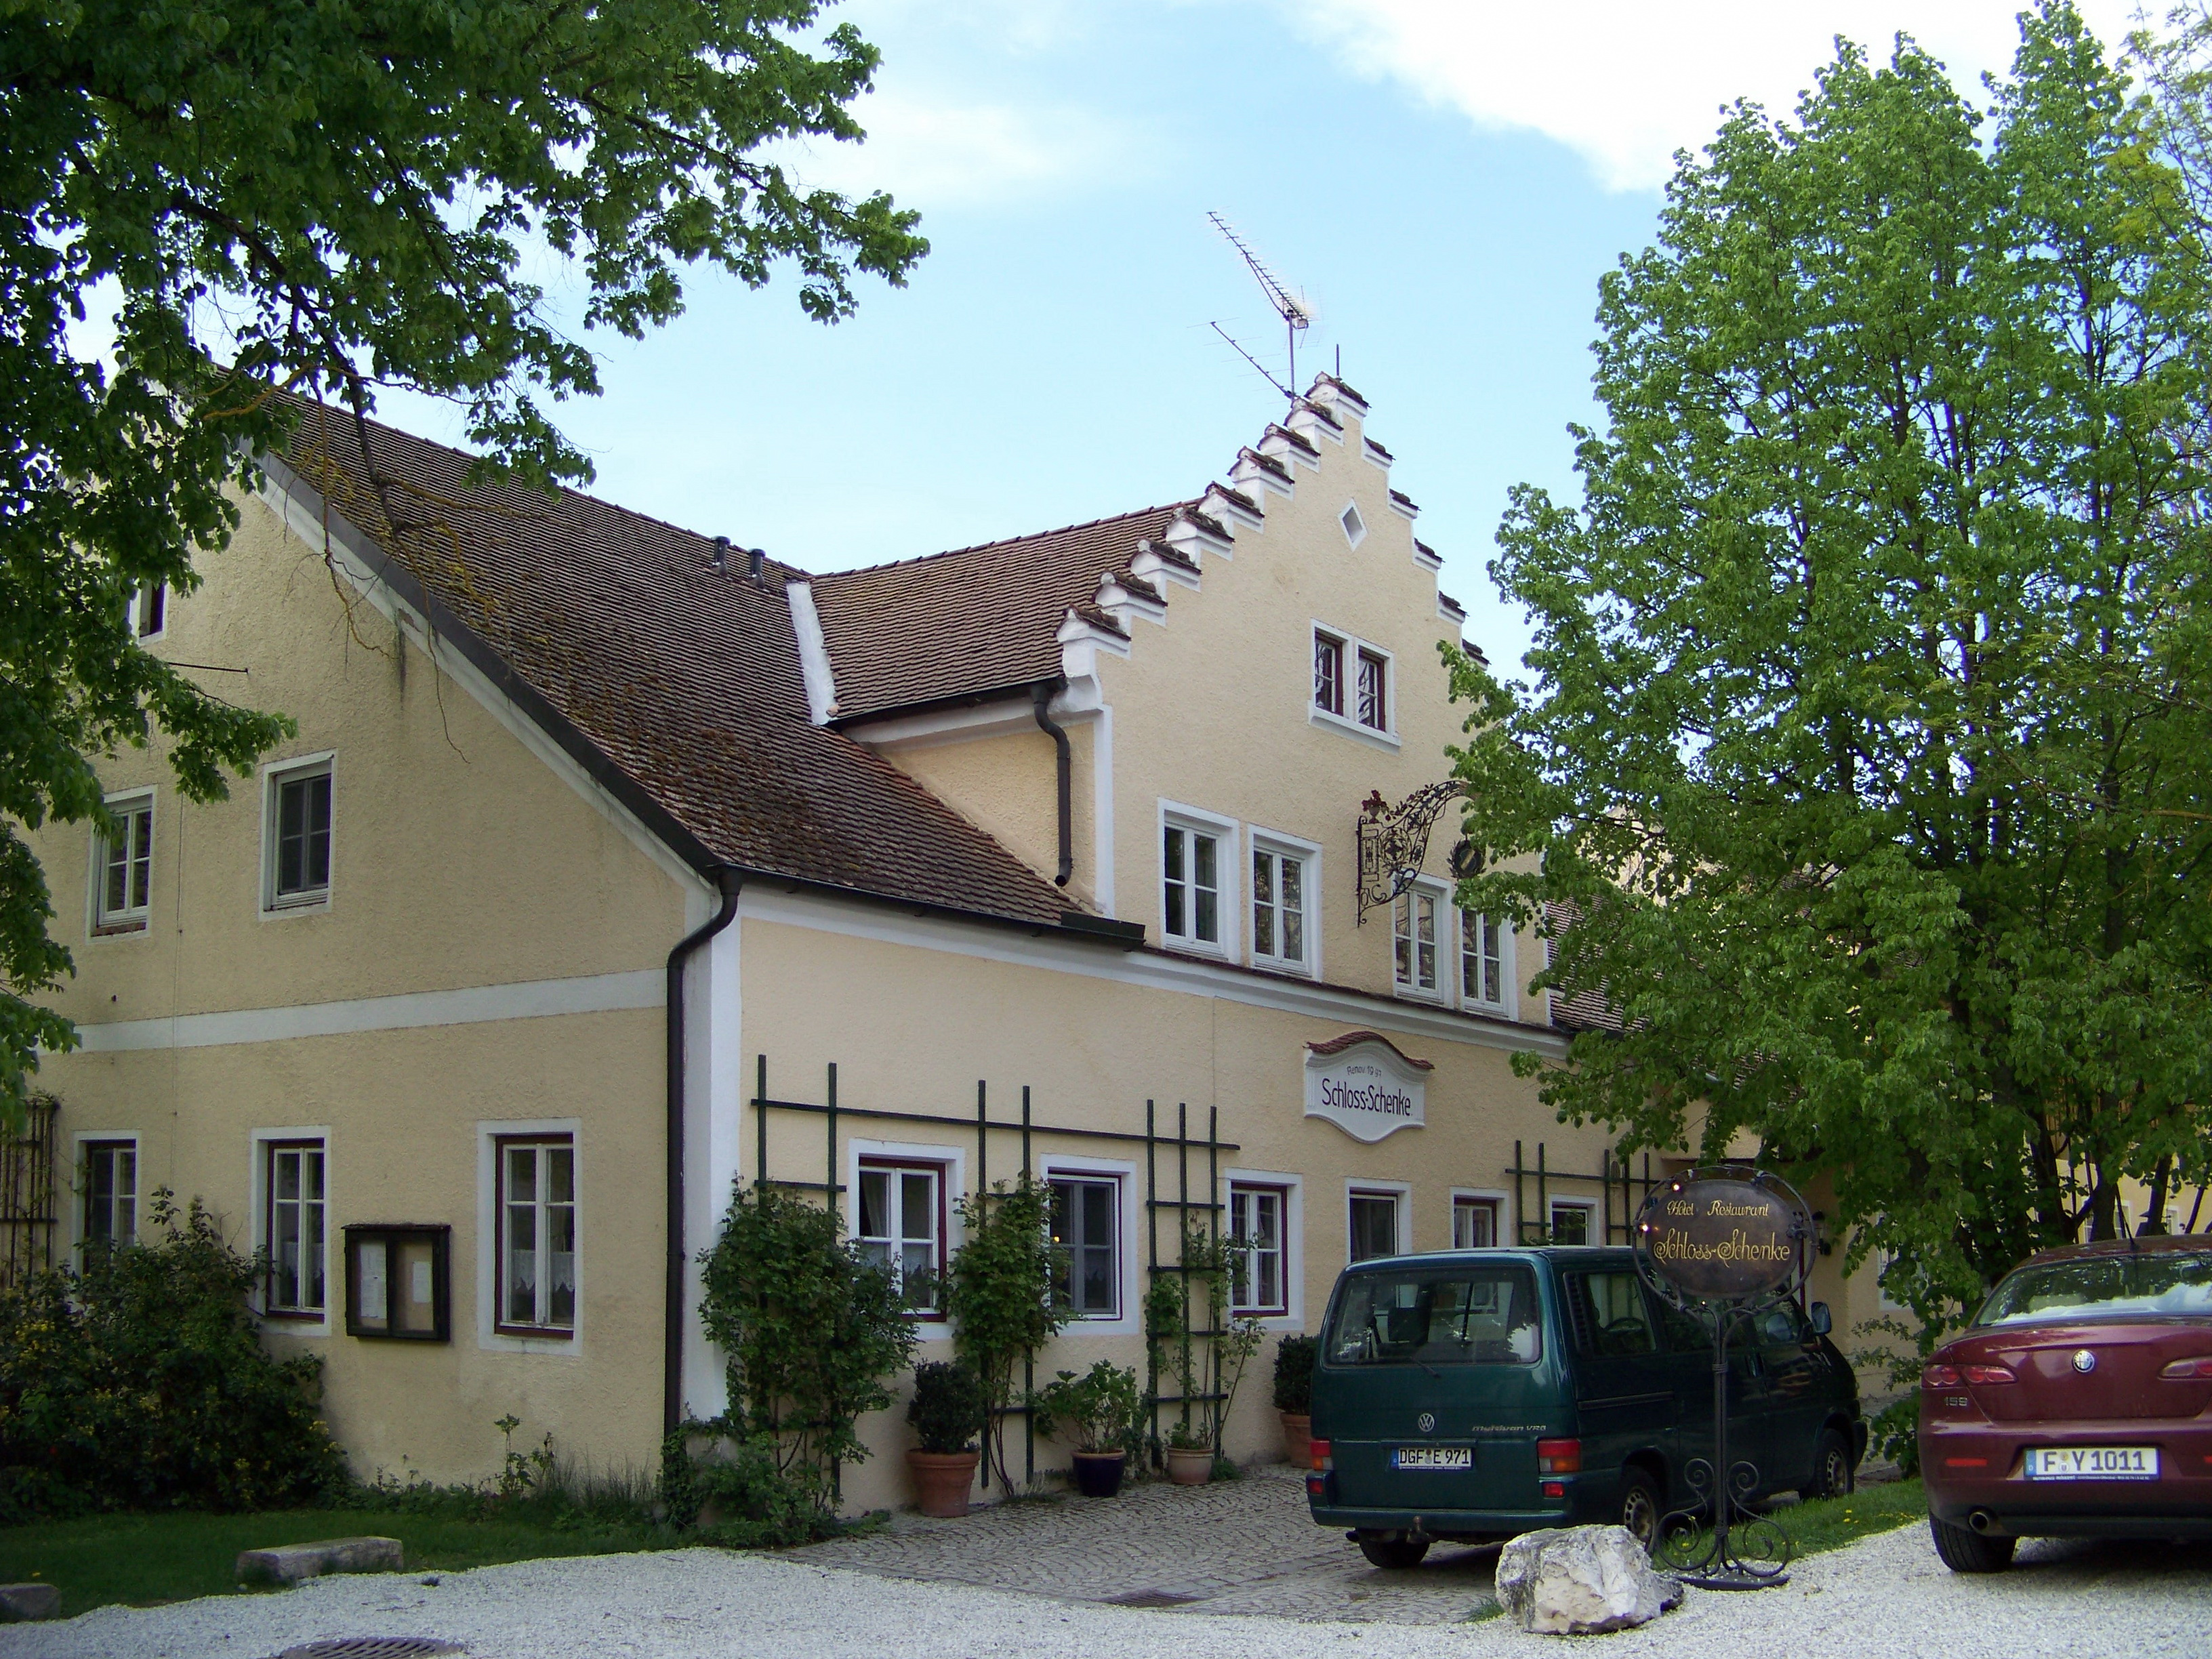 Datei:Tunzenberg-Schlossberg-5-Schlossschänke.jpg – Wikipedia